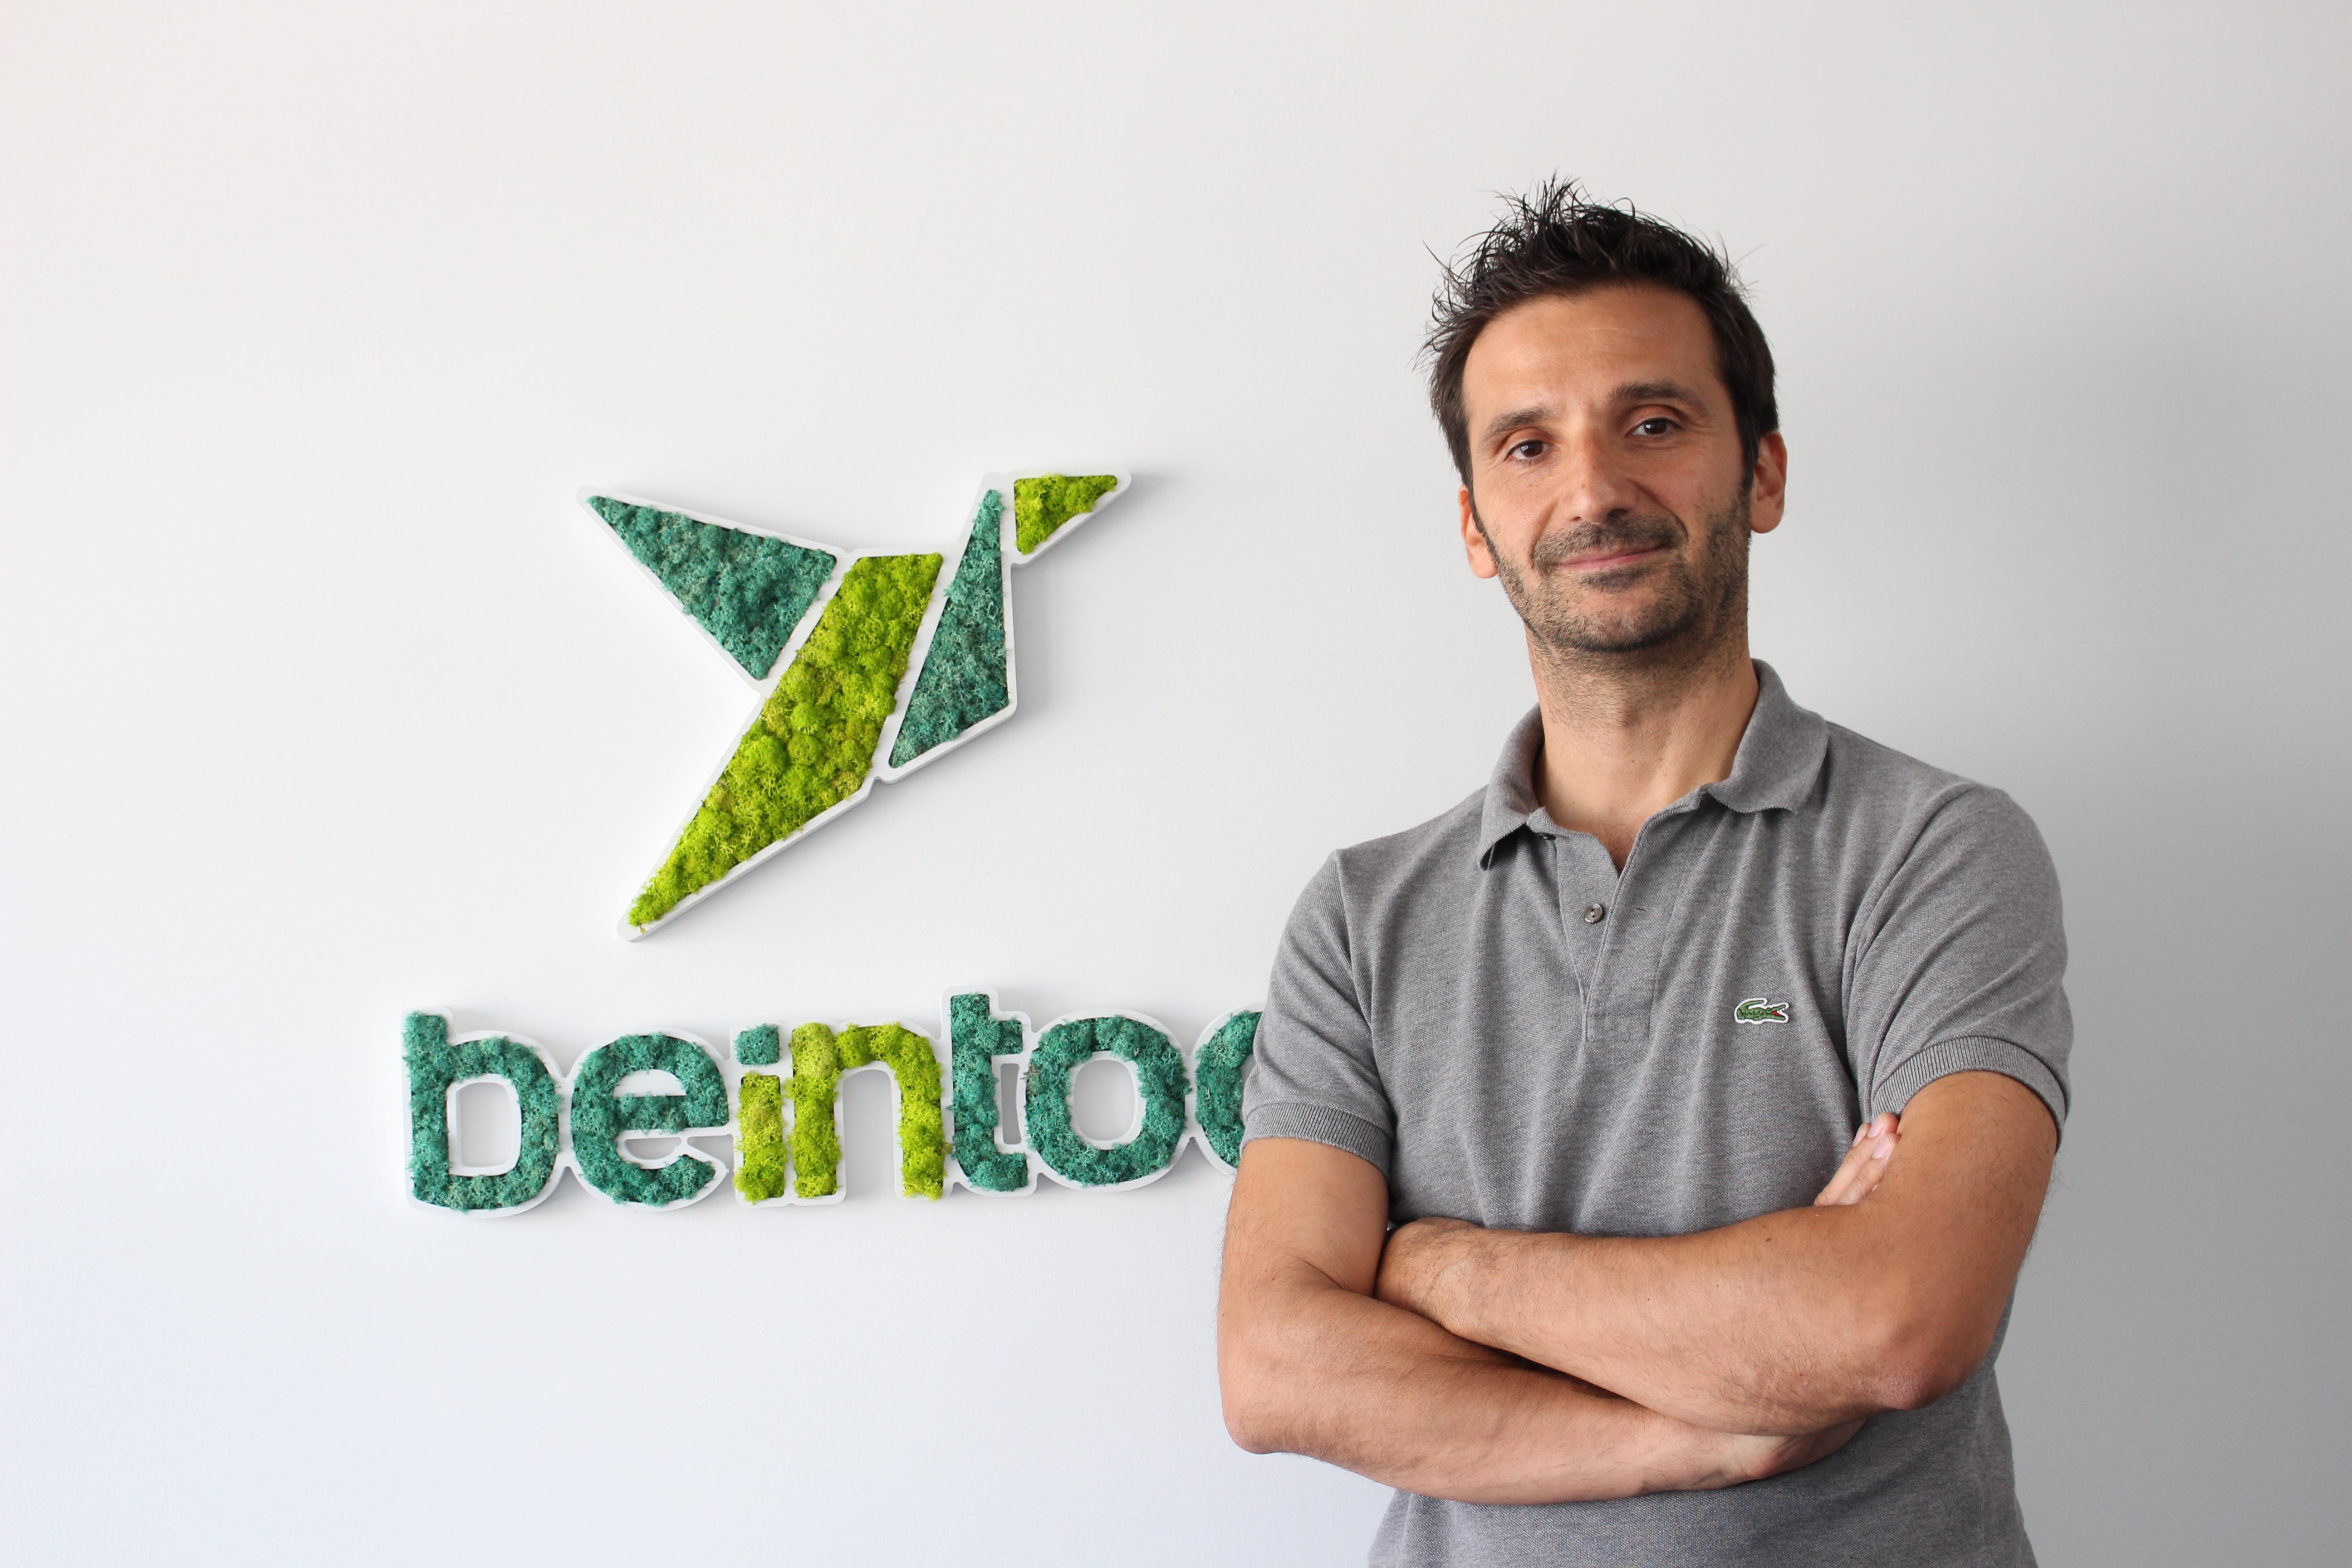 Beintoo sceglie BeMyEye per verificare la posizione di negozi e punti di interesse